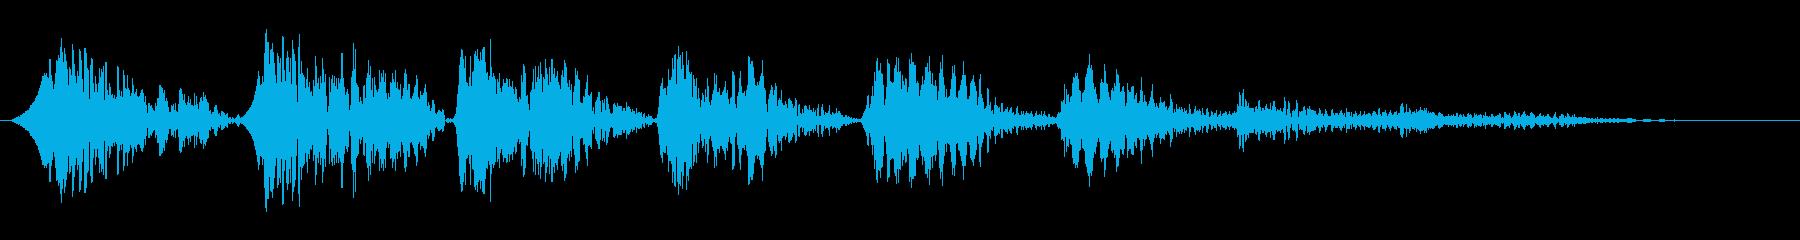 バネ系ピョンピョン…高音への再生済みの波形